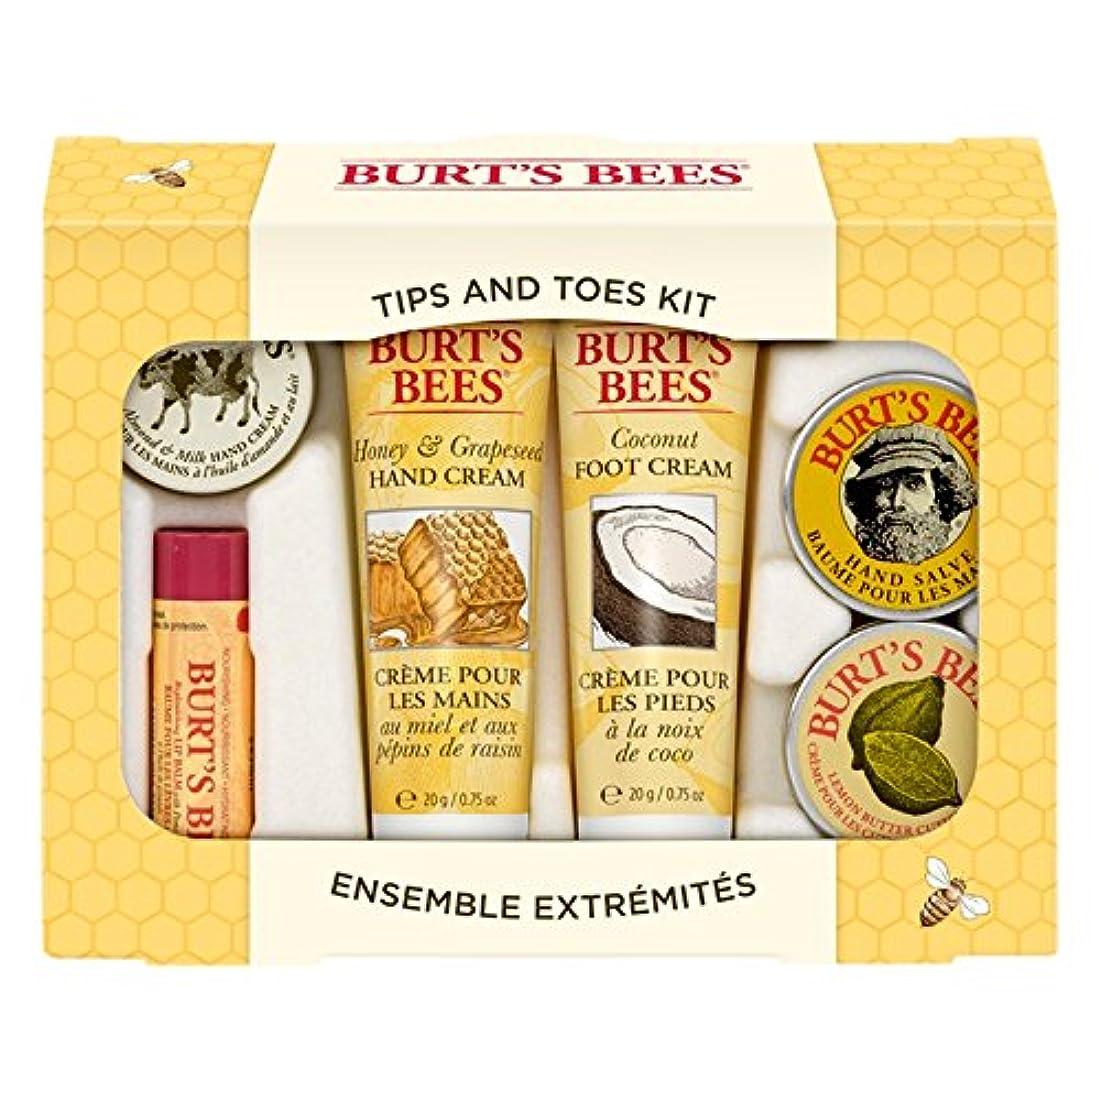 不正確アーティストダイバーバーツビーのヒントとつま先はスターターキットをスキンケア (Burt's Bees) - Burt's Bees Tips And Toes Skincare Starter Kit [並行輸入品]